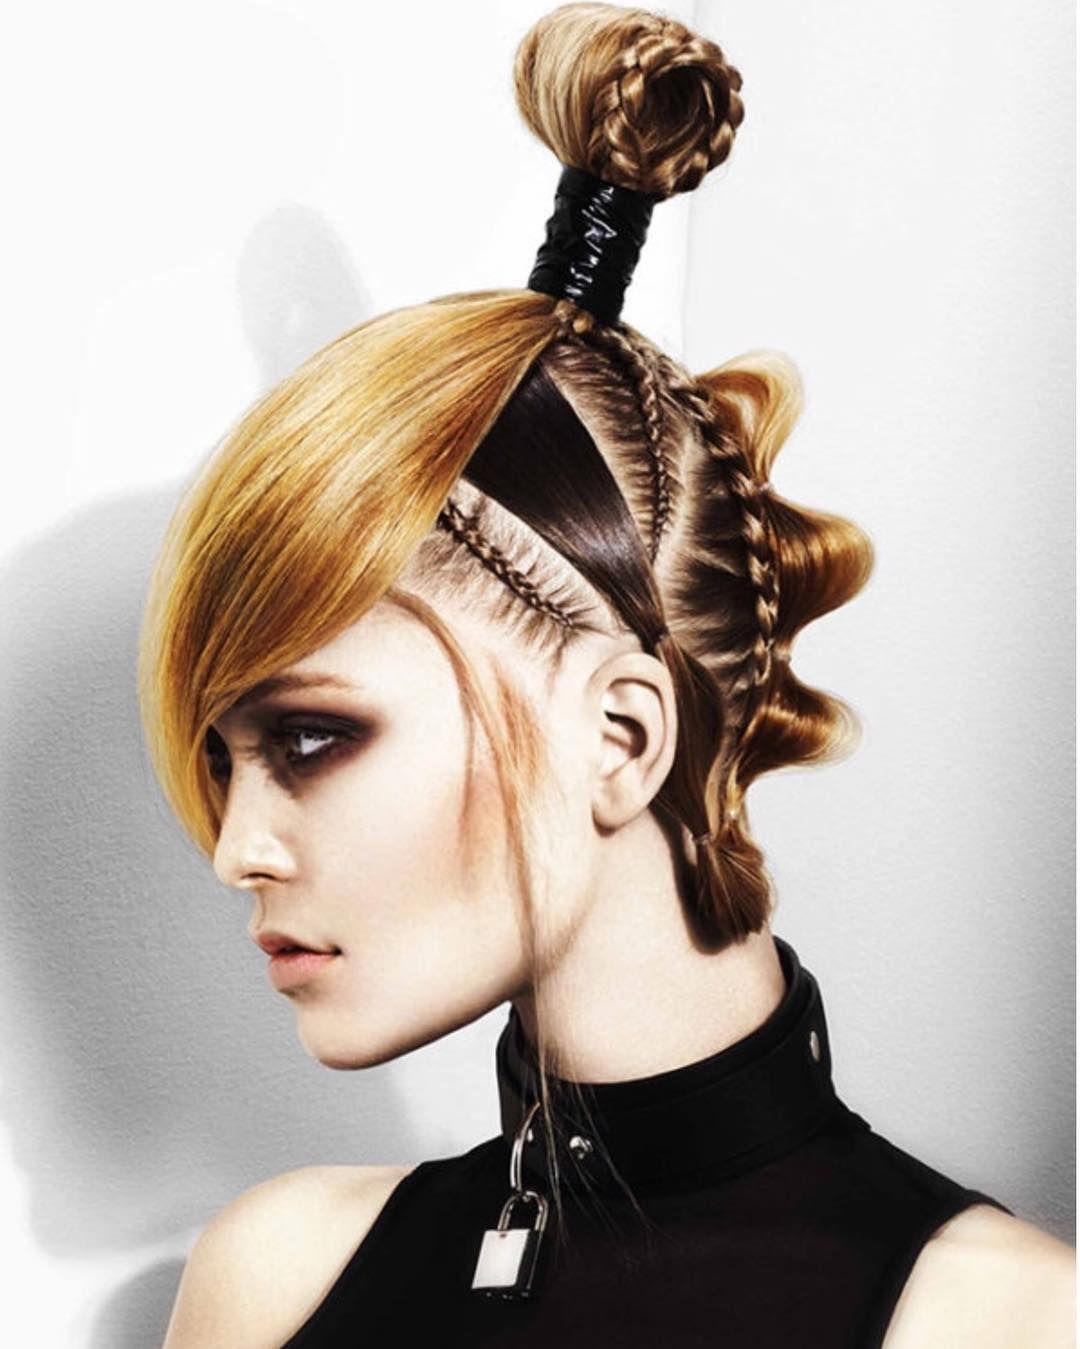 30 Creative And Unique Wedding Hairstyle Ideas: Épinglé Sur Heads Up